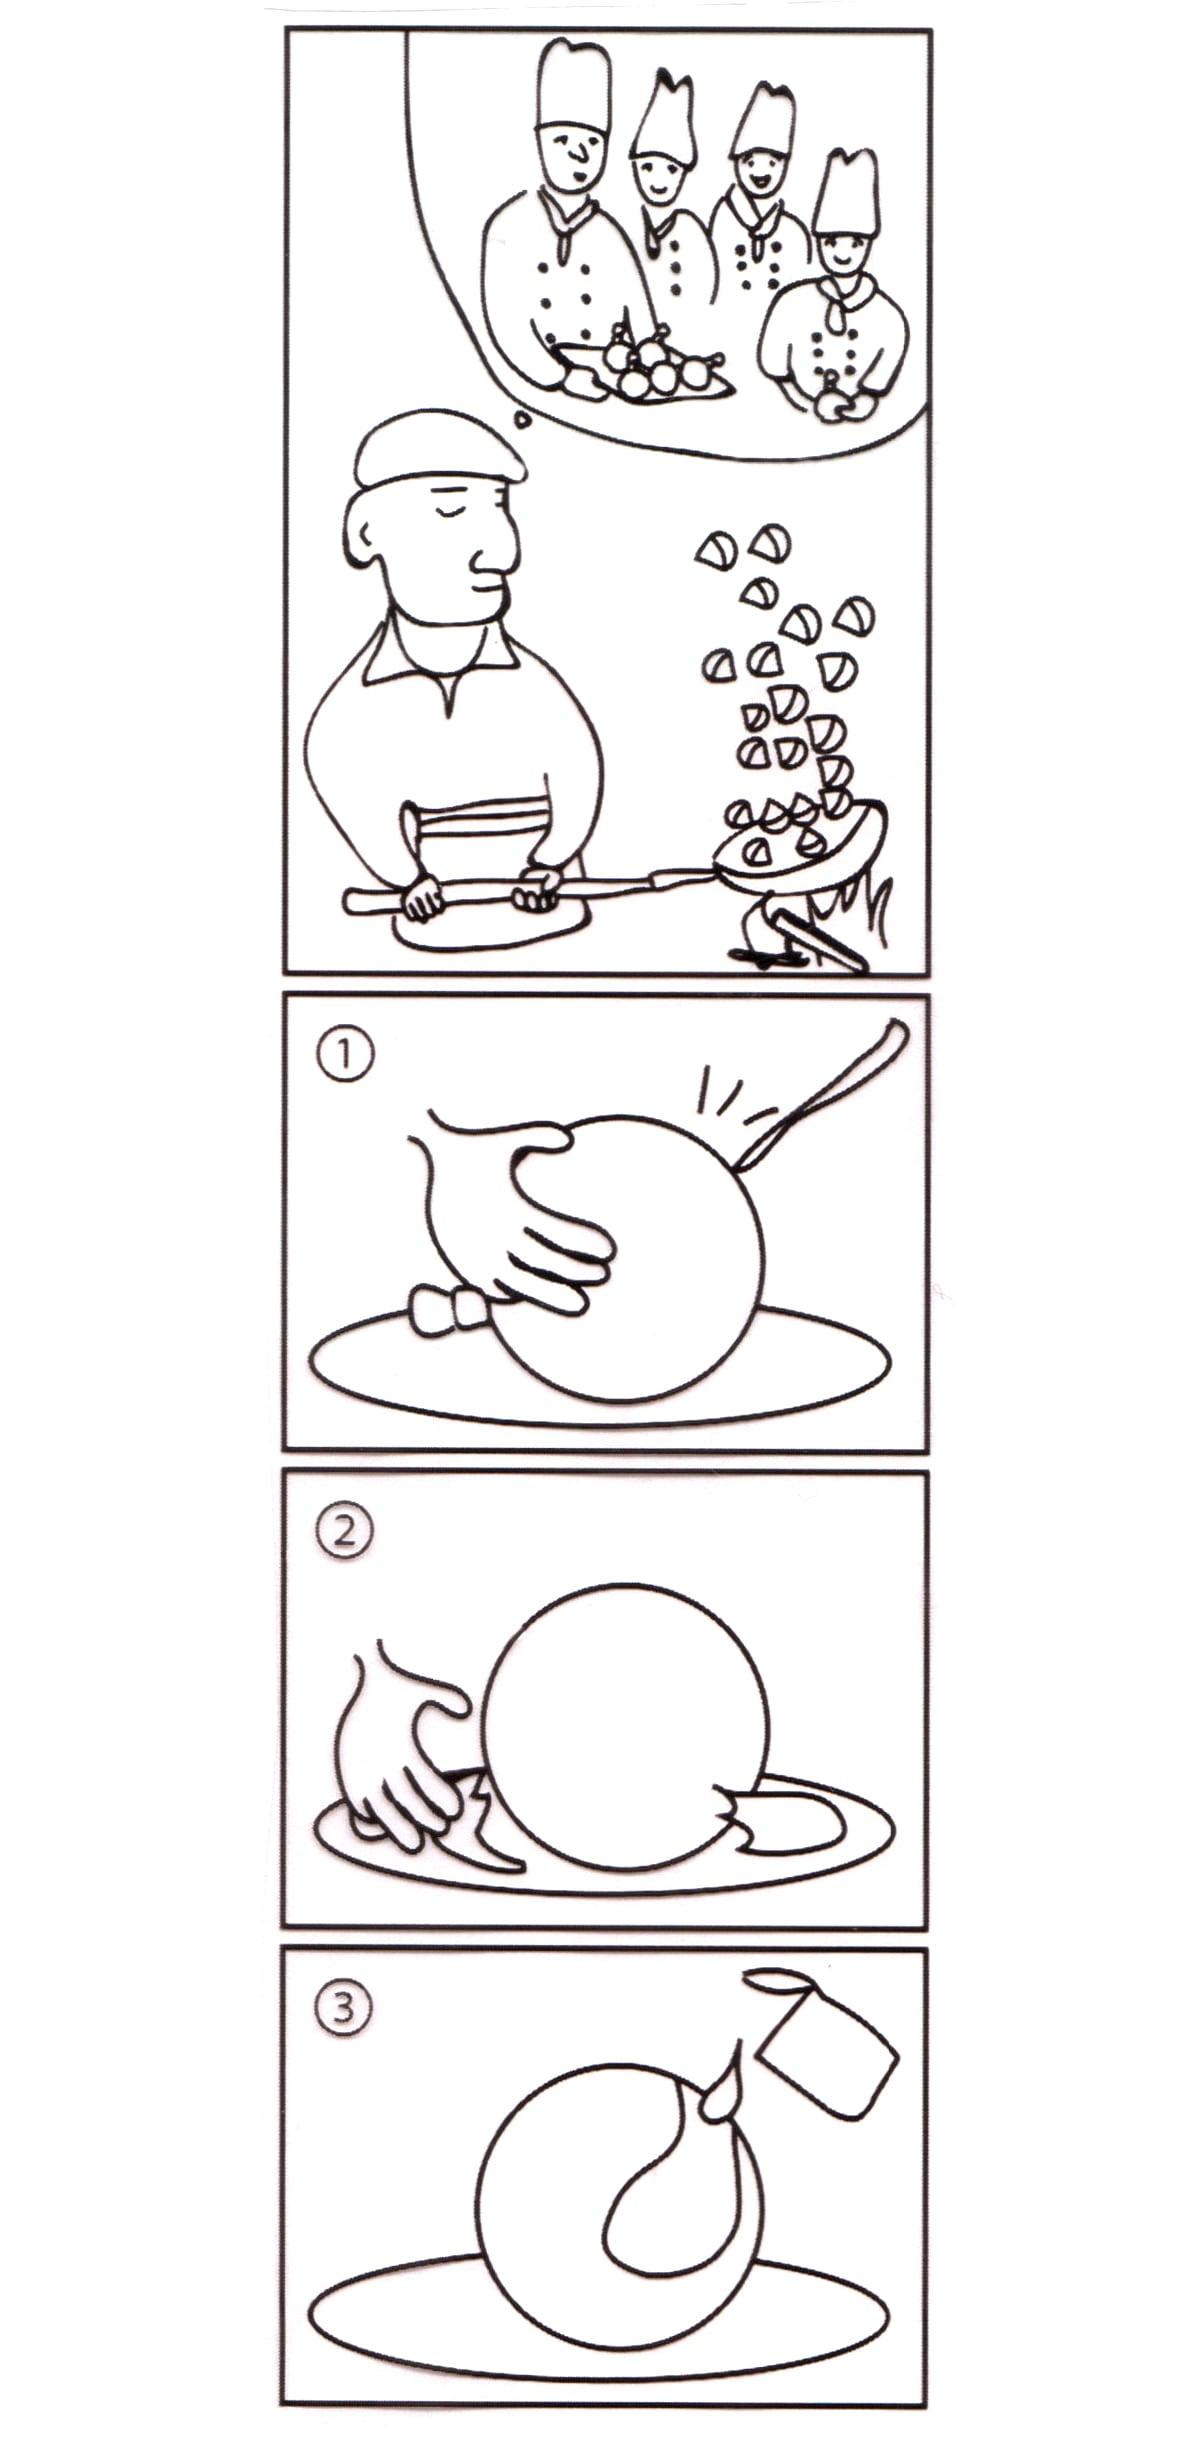 牧家 マロンミルクプリン 6個入り 4コマ漫画